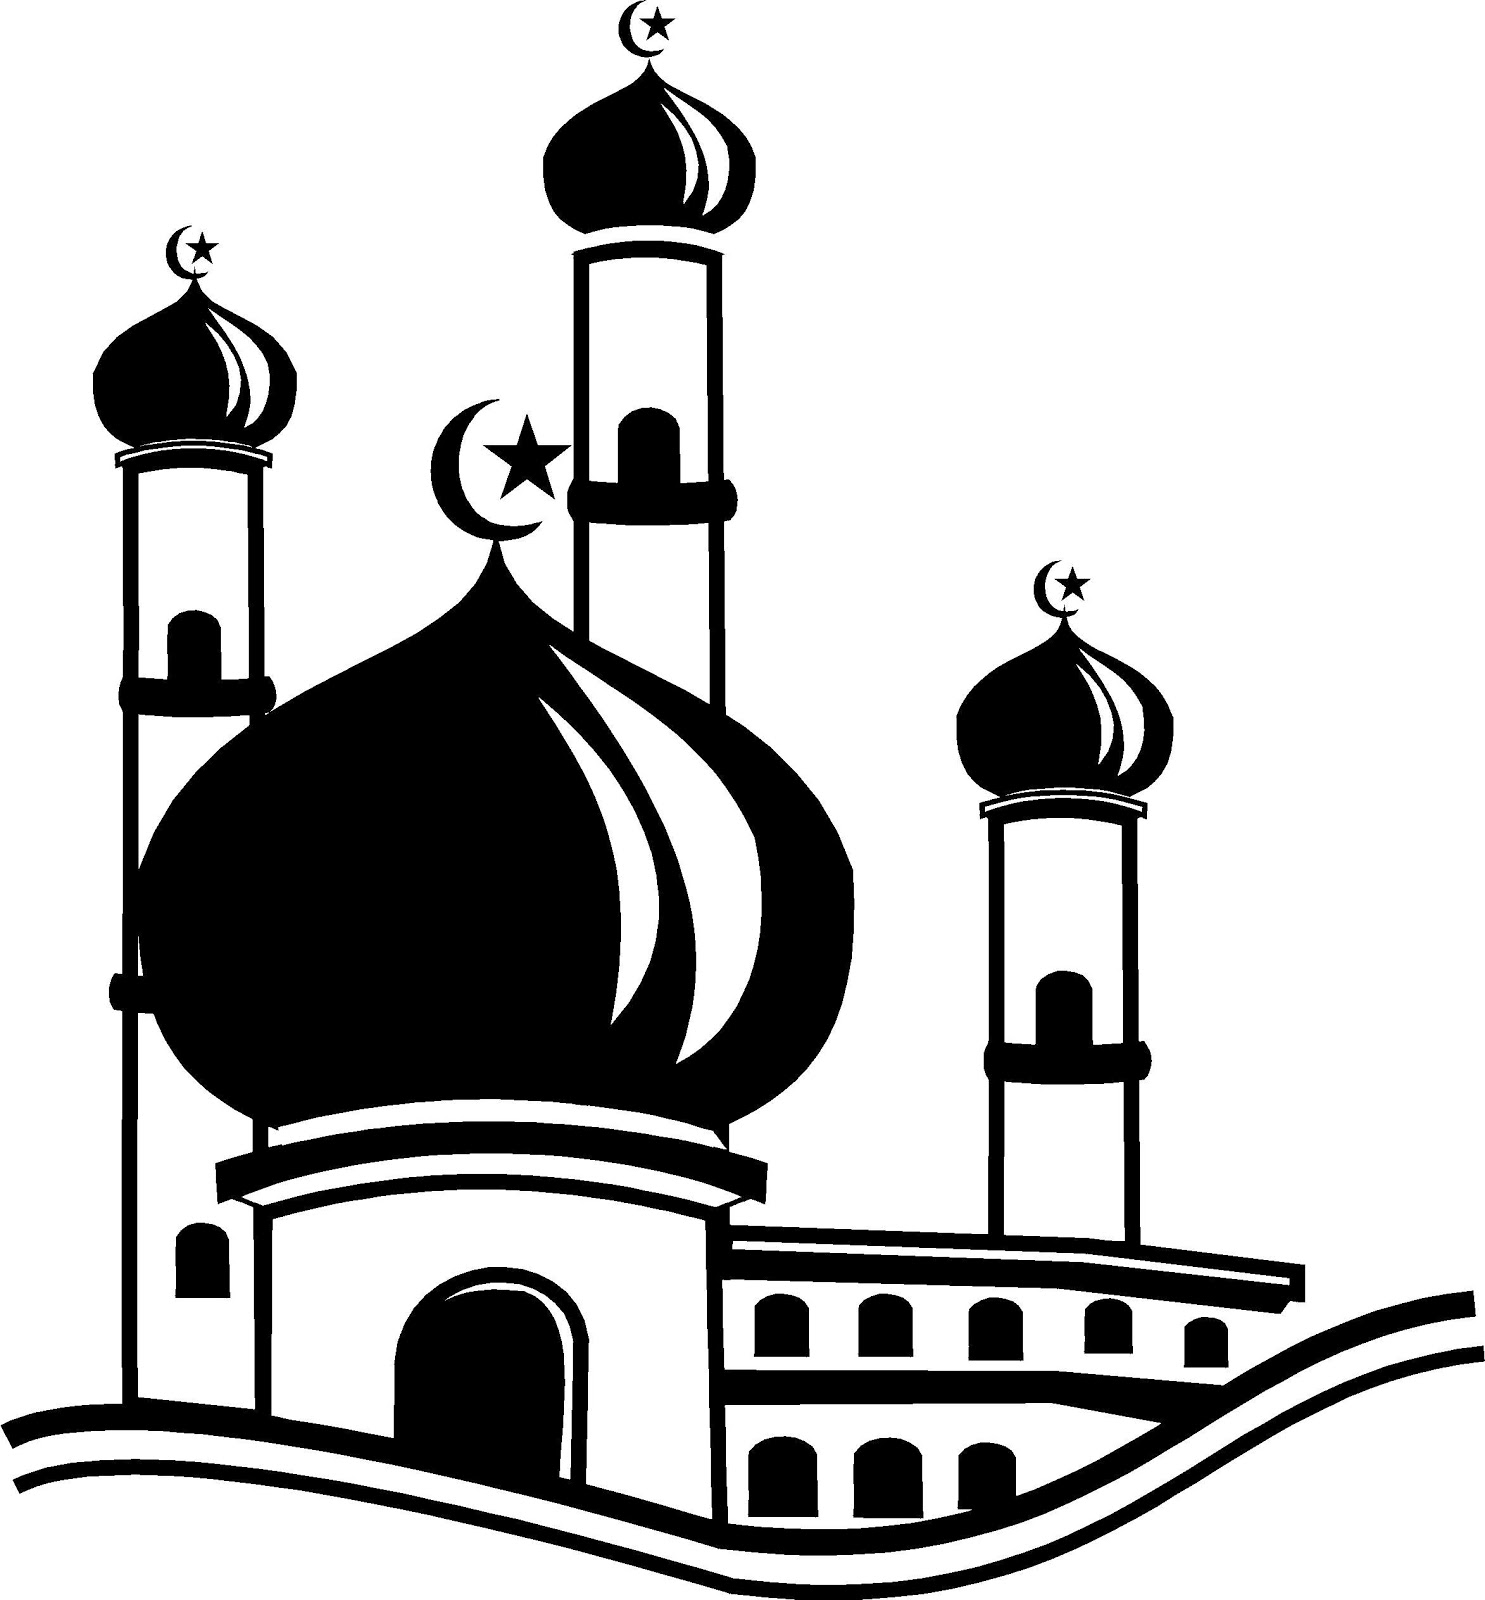 Masjid Hitam Putih Gambar Islami